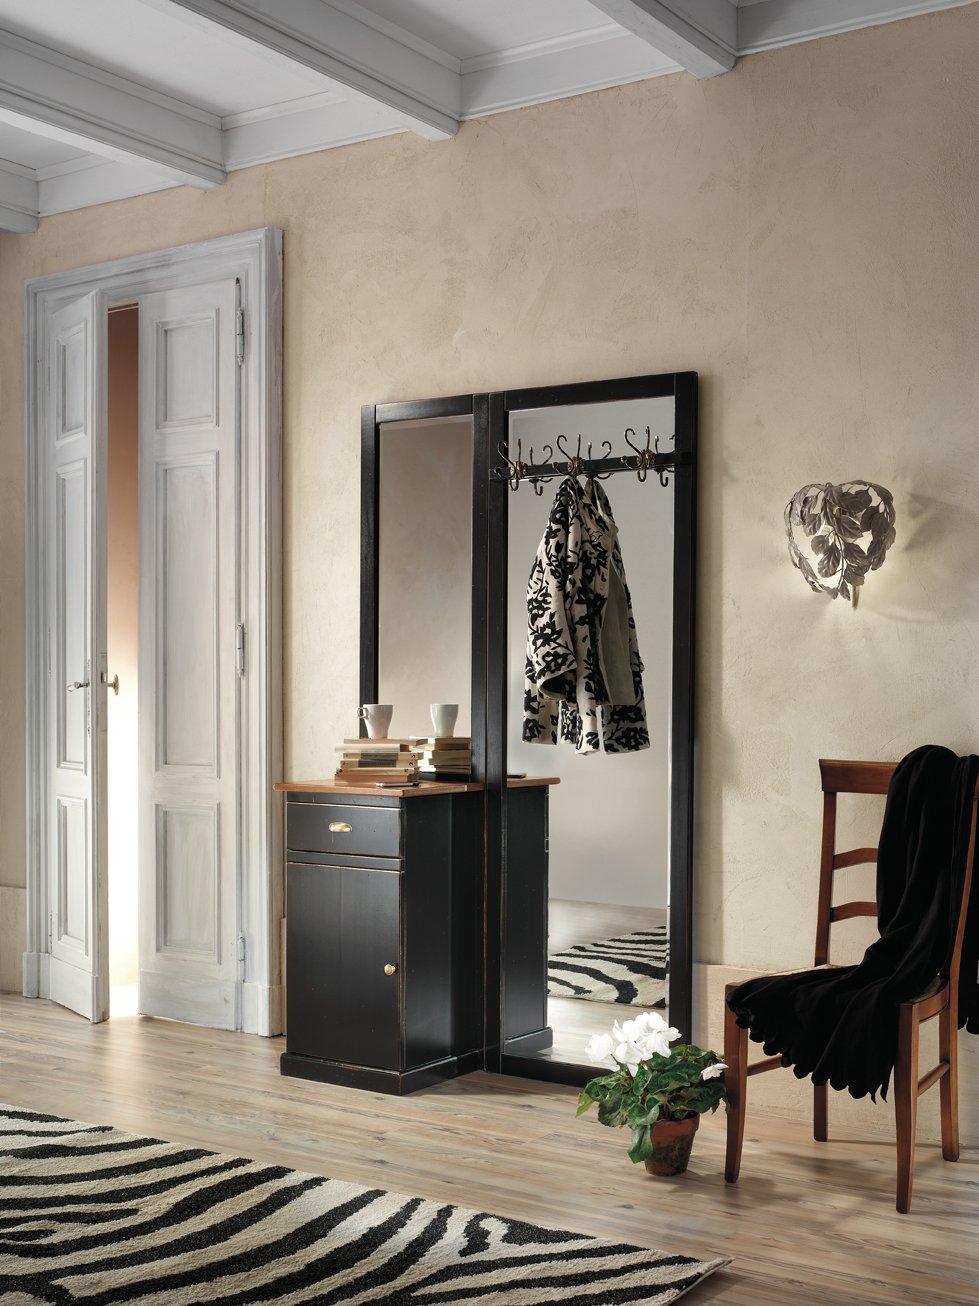 Appendiabiti con specchi mobili in stile linea la maison - Specchi in stile ...